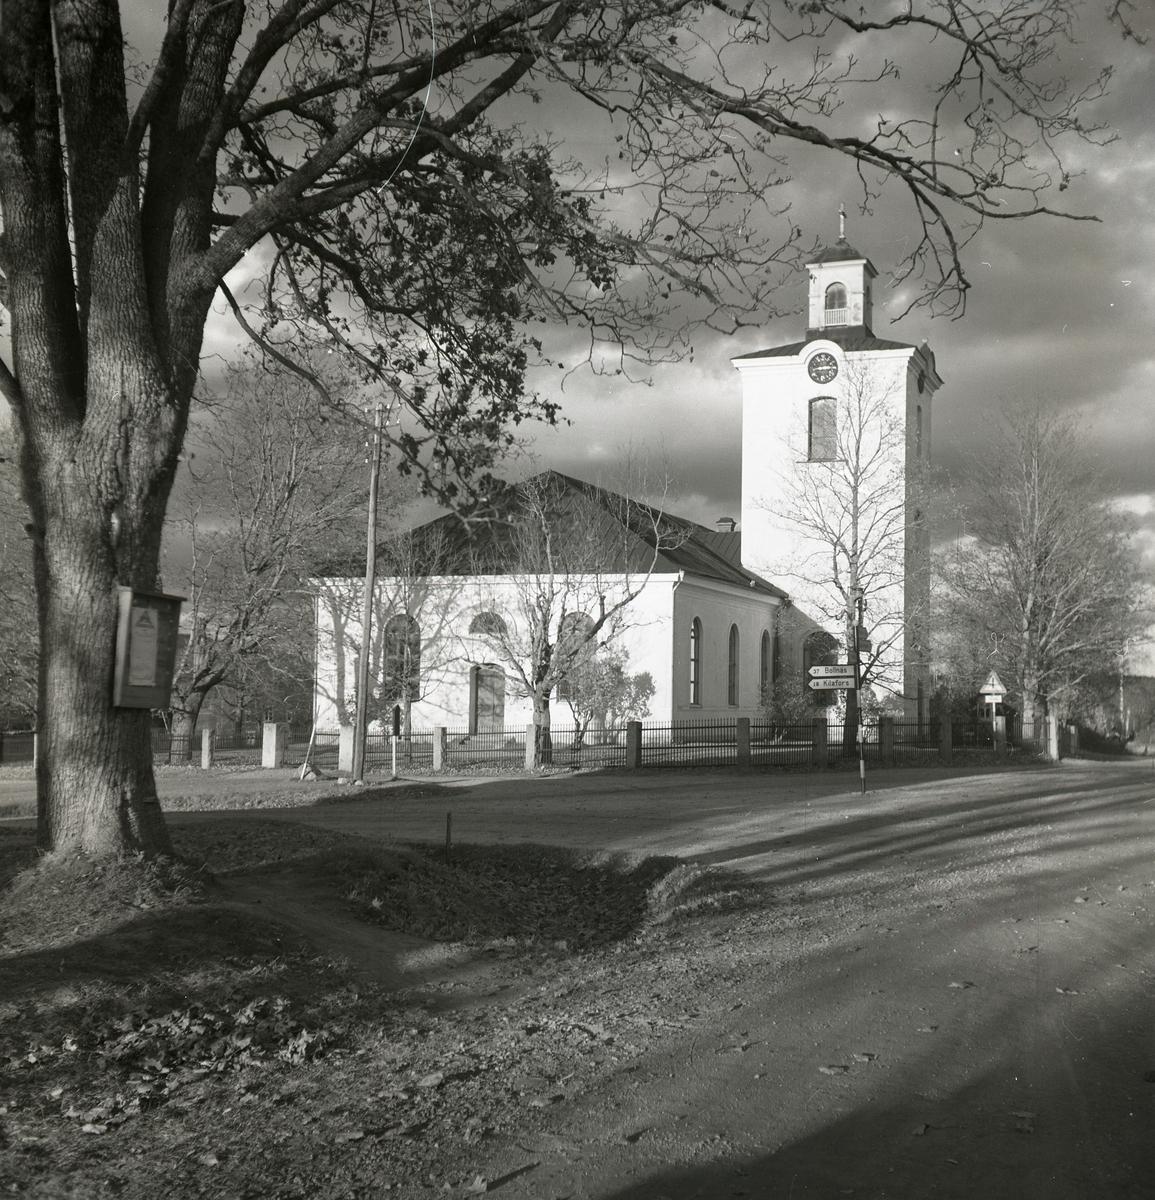 Skogs kyrka intill en vägkorsning.